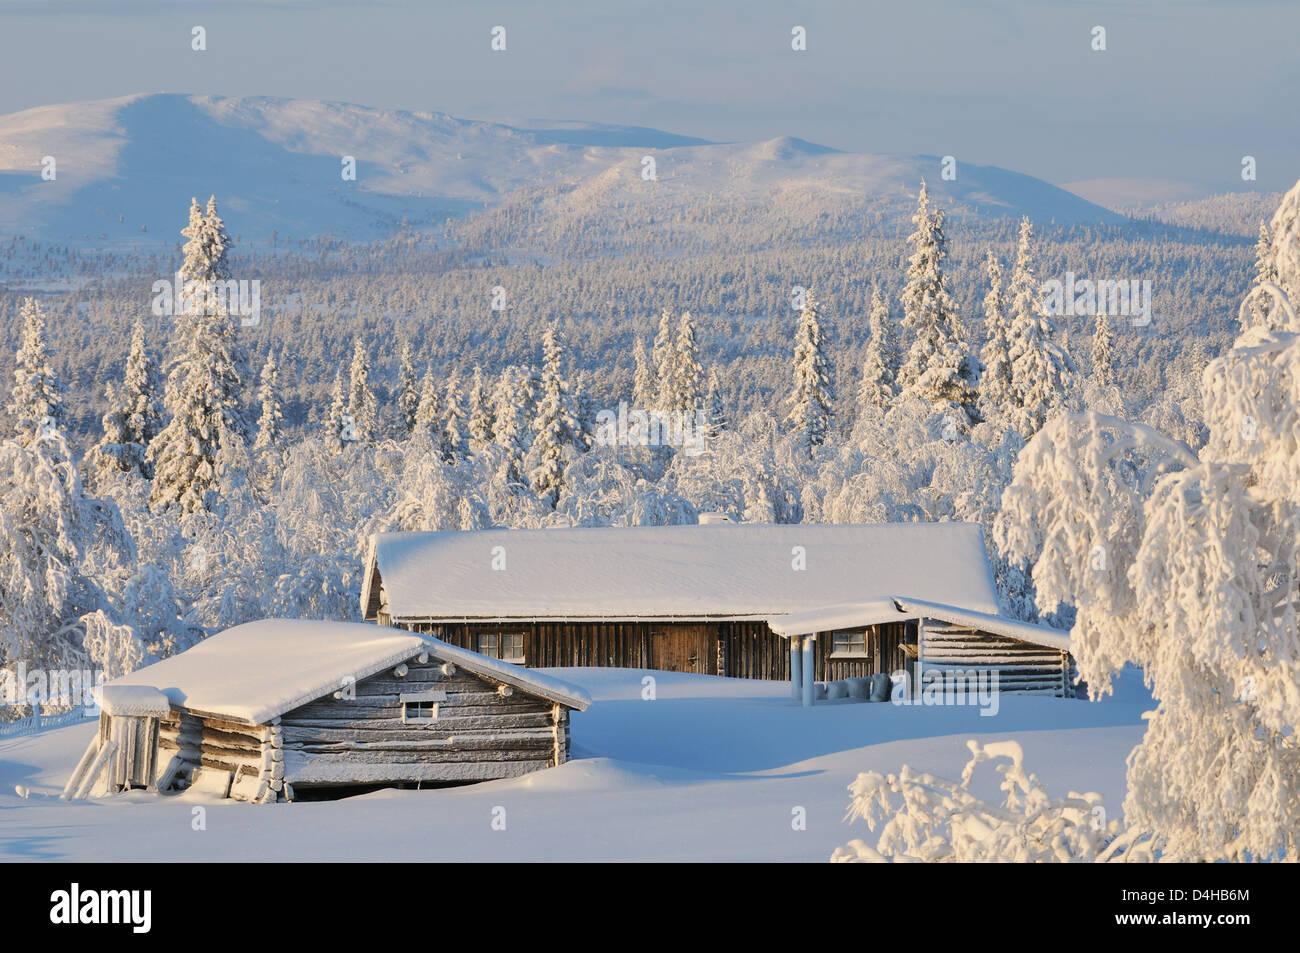 Chalet und Berge im Schnee. Härjedalen, Schweden, Europa Stockbild